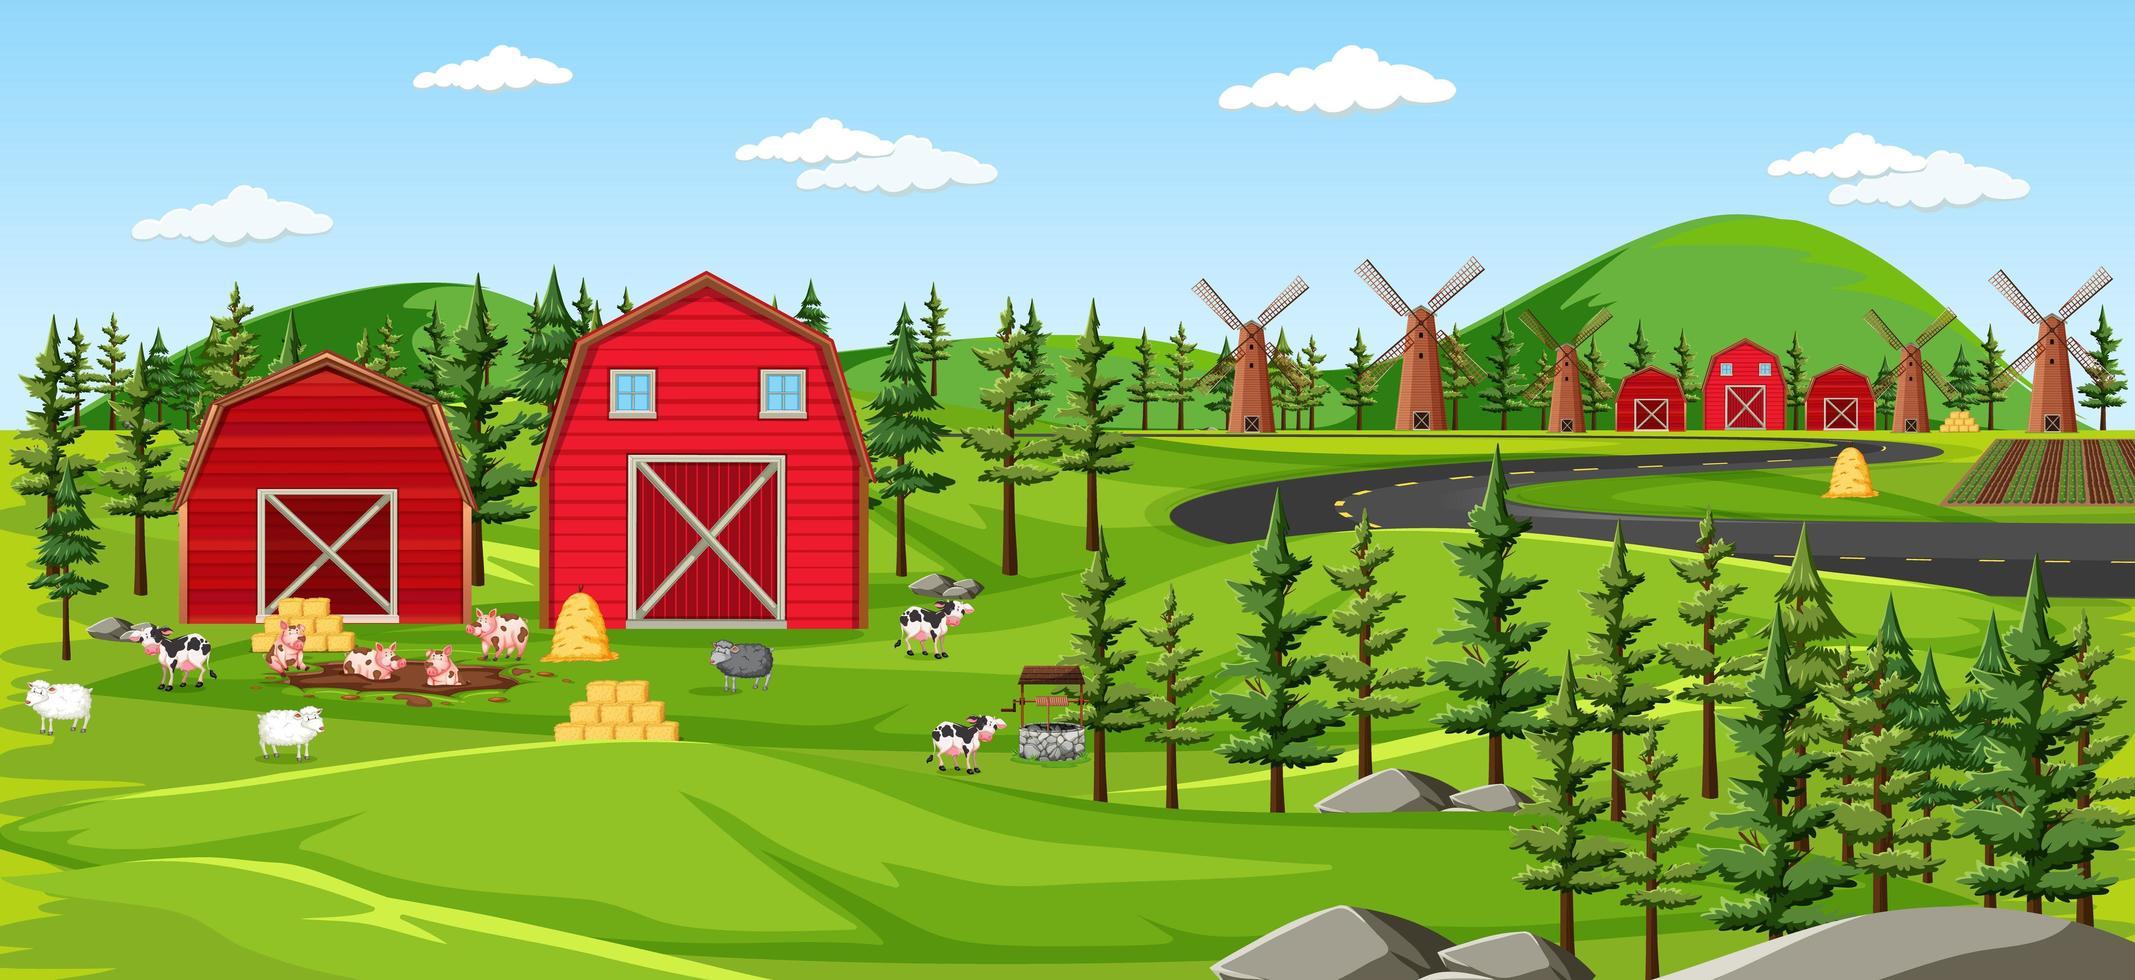 Bauernhof Natur mit Scheunen Landschaftsszene vektor